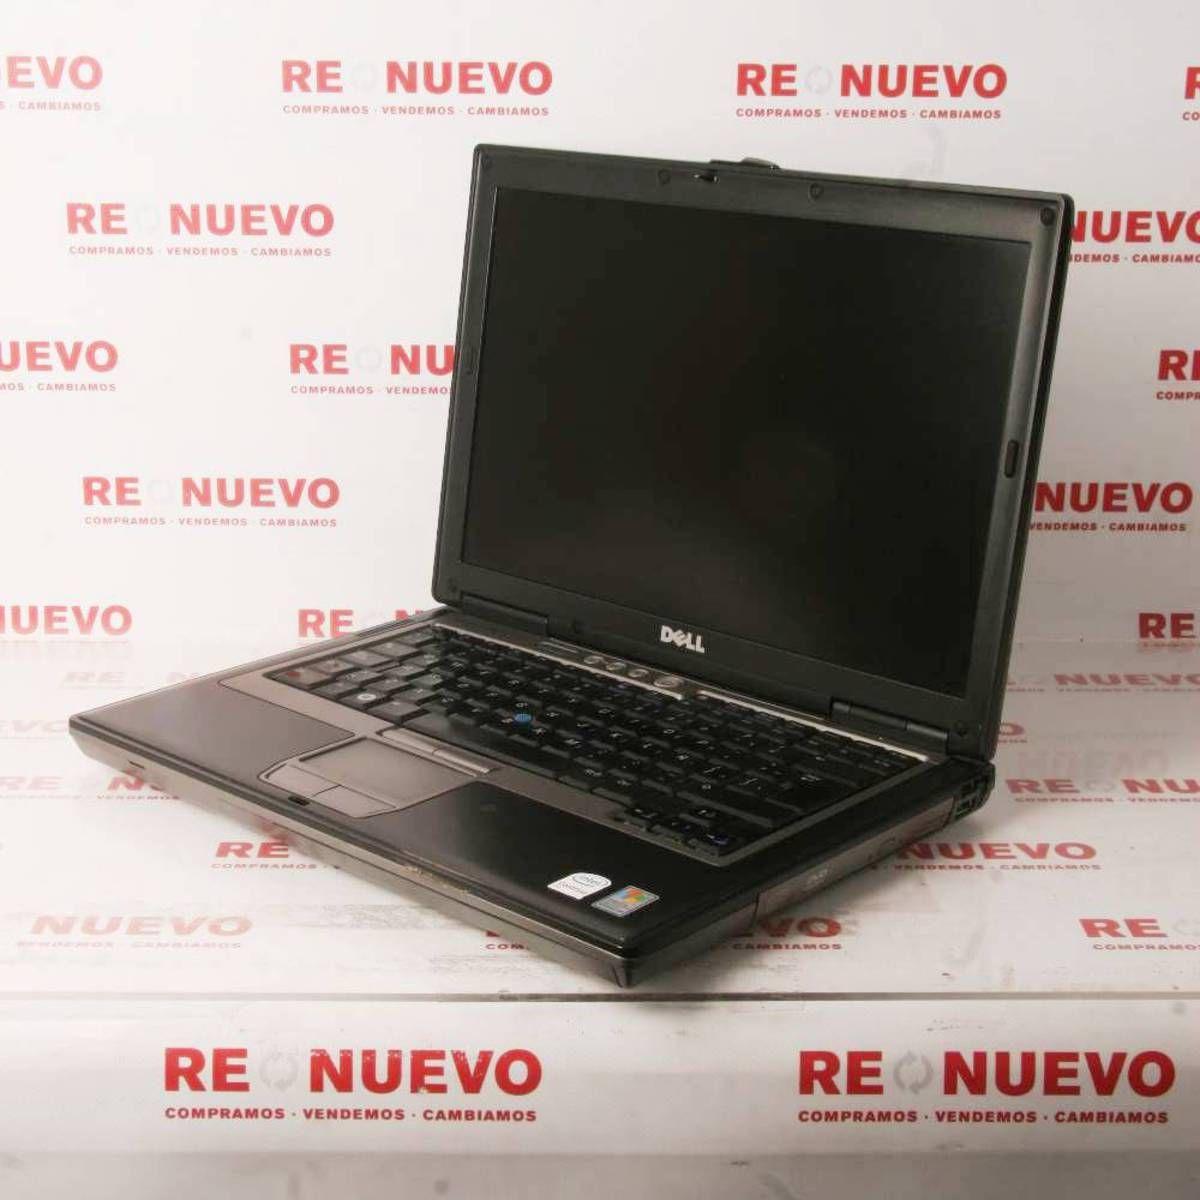 Portatil Dell Pp18i De Segunda Mano E280109 Tienda Online De